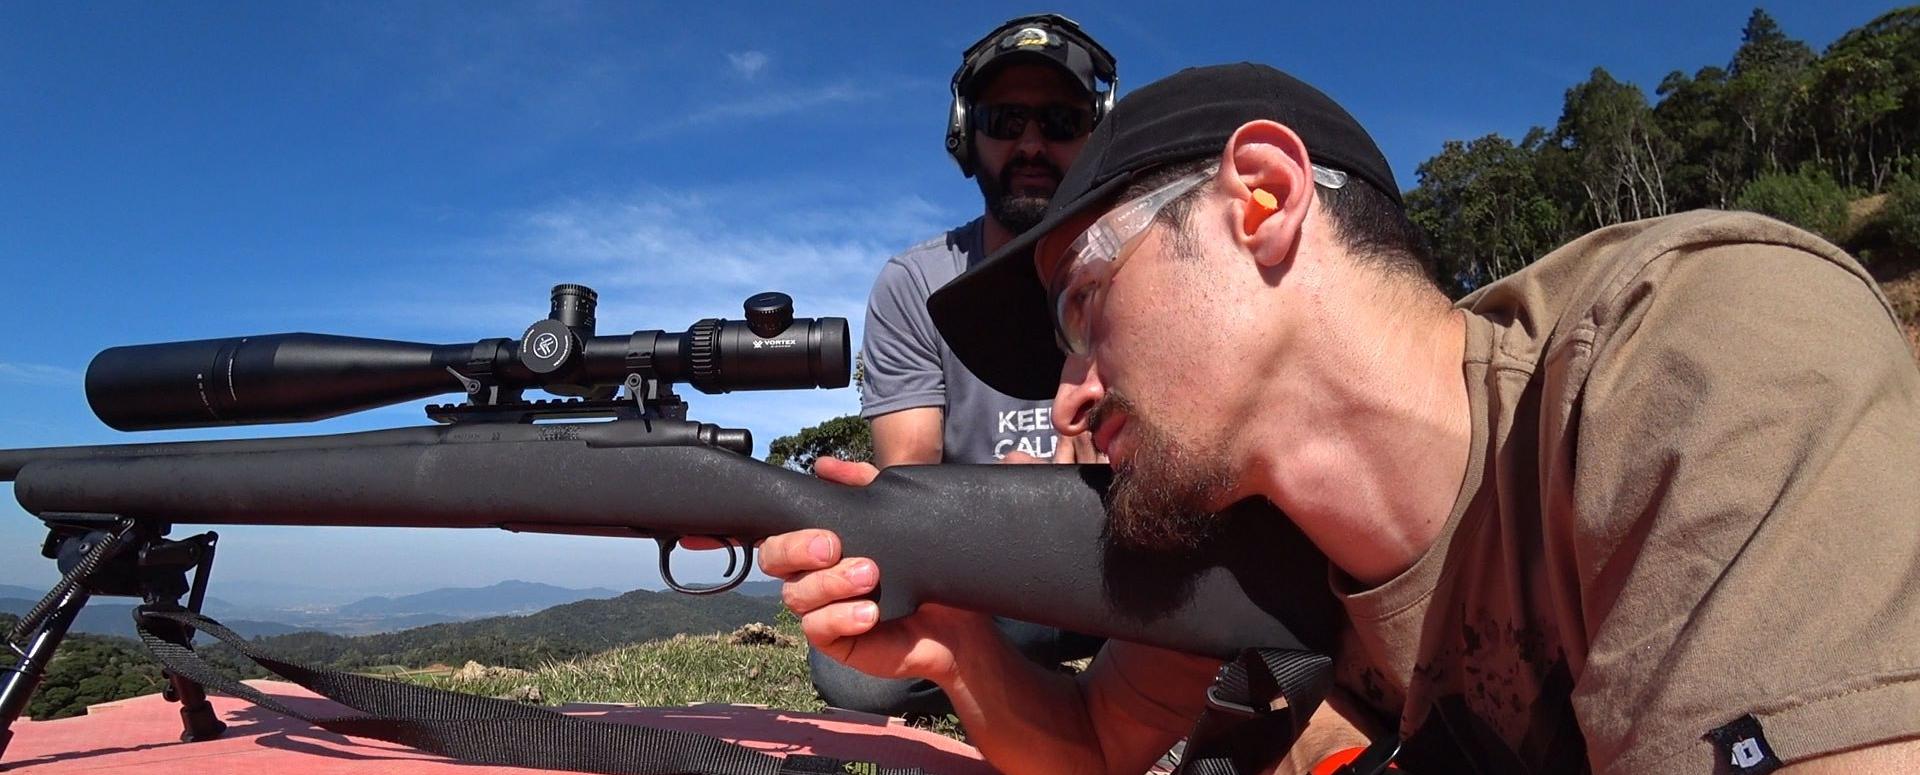 Tiro de precisão com rifle: Como funciona? – Caminho do Atirador Ep.03